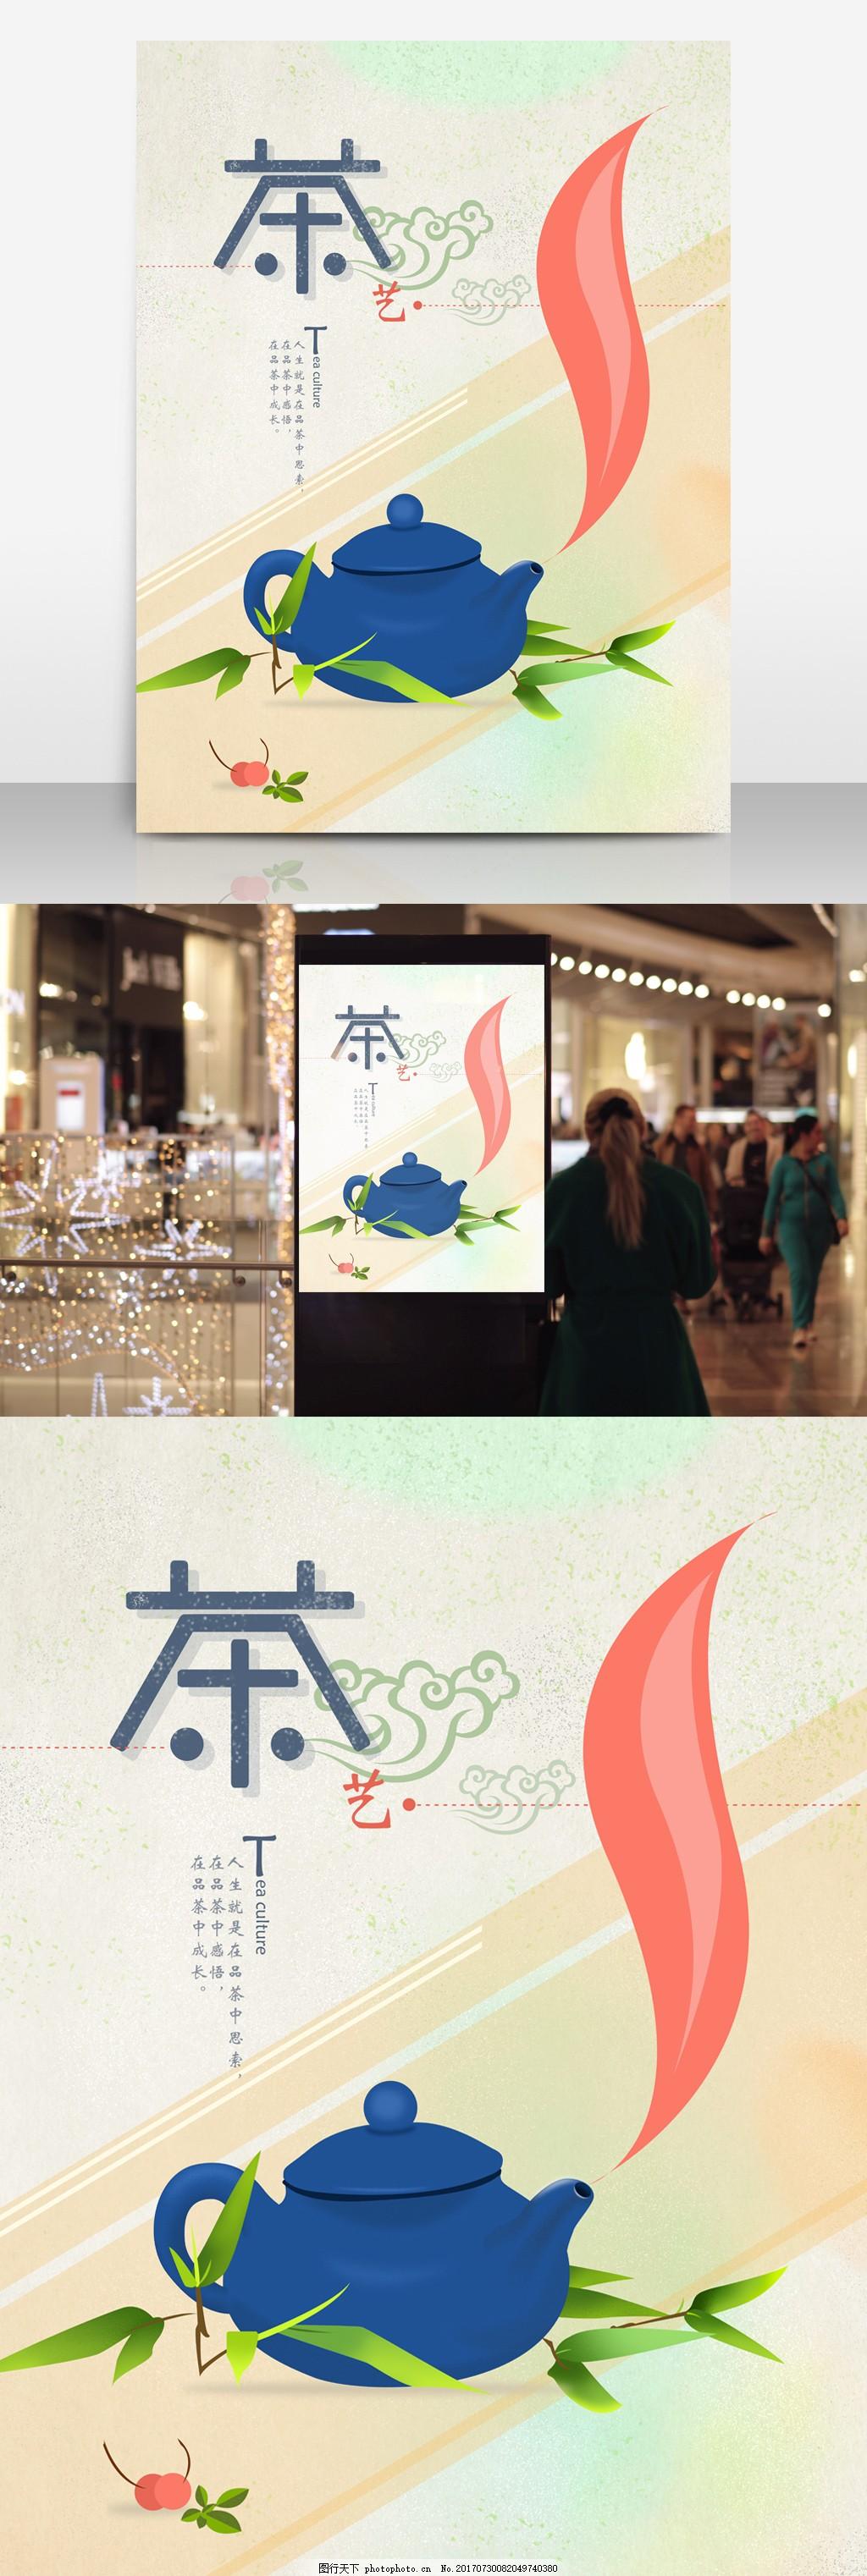 原创卡通插画茶艺宣传海报 插画海报 卡通海报 茶壶 茶艺海报 柳枝